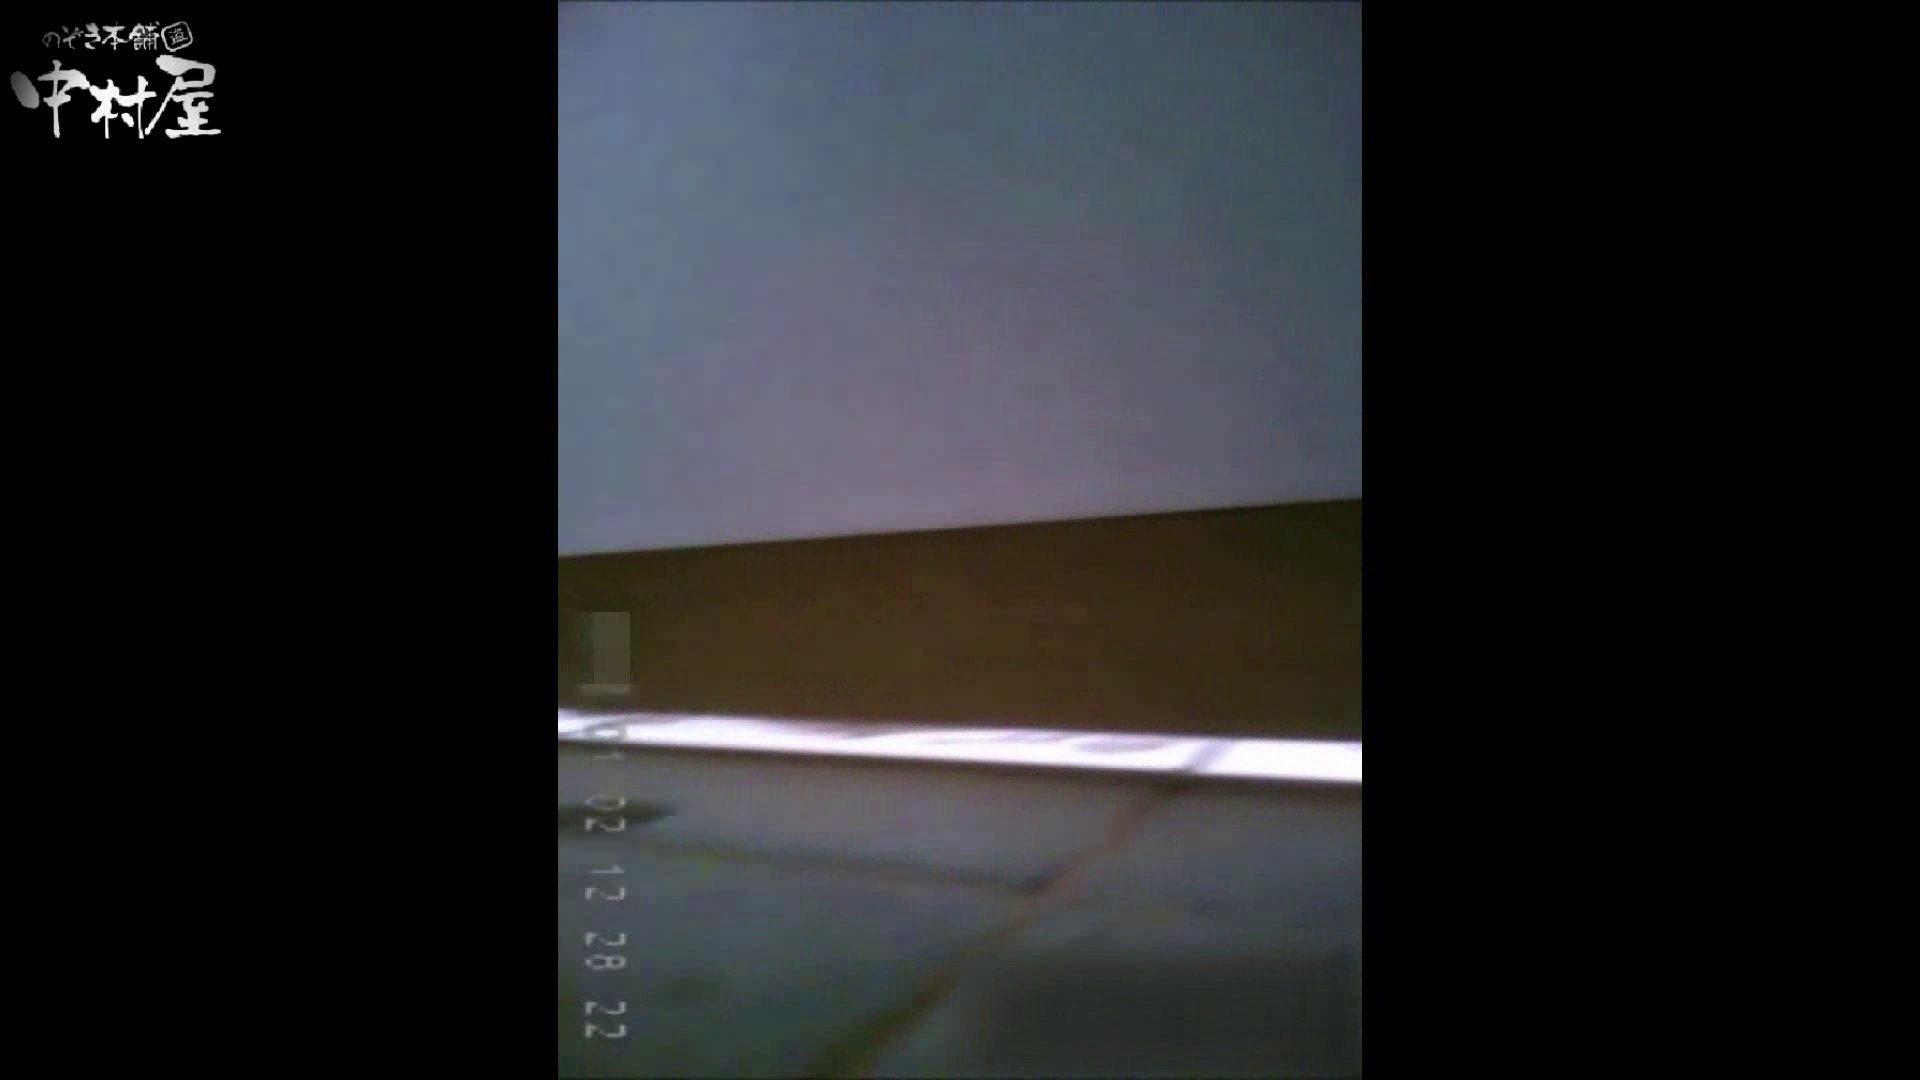 雅さんが厳選新年特別コンテンツ!激走!東京マラソン選手専用女子トイレvol.8 女子トイレ のぞき濡れ場動画紹介 75画像 47